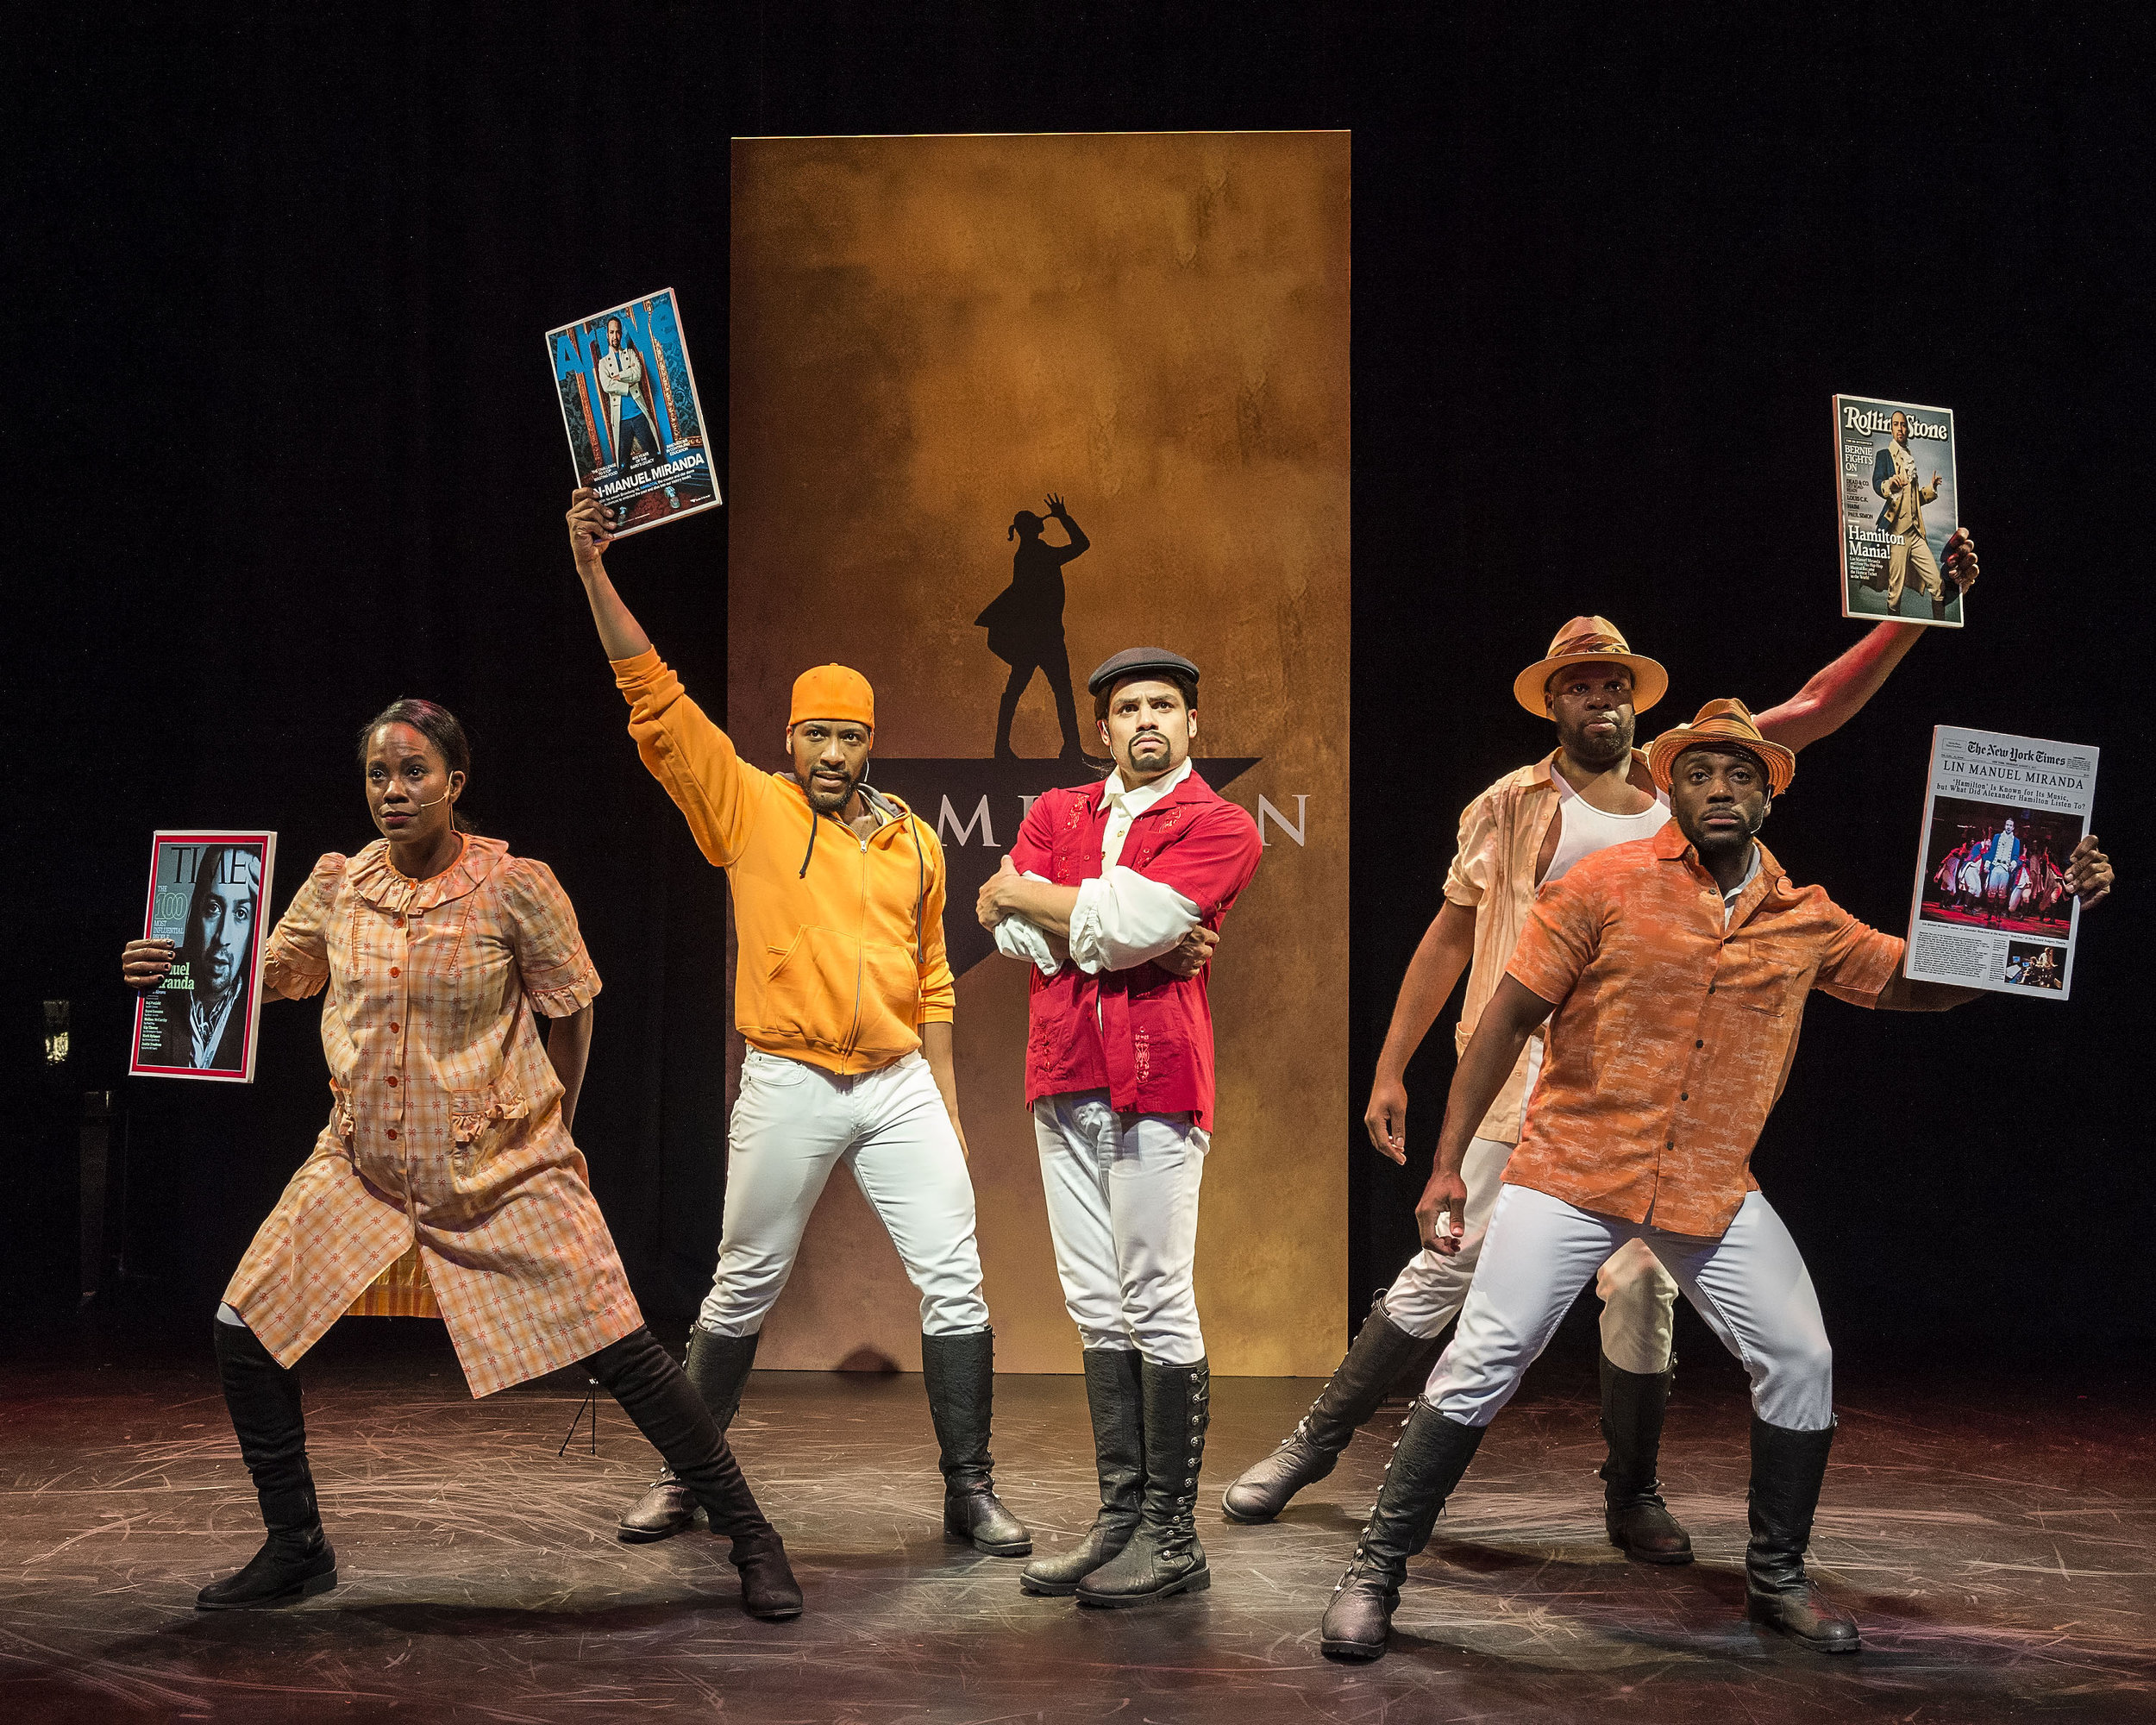 Spamilton - The Kirk Douglas Theatre